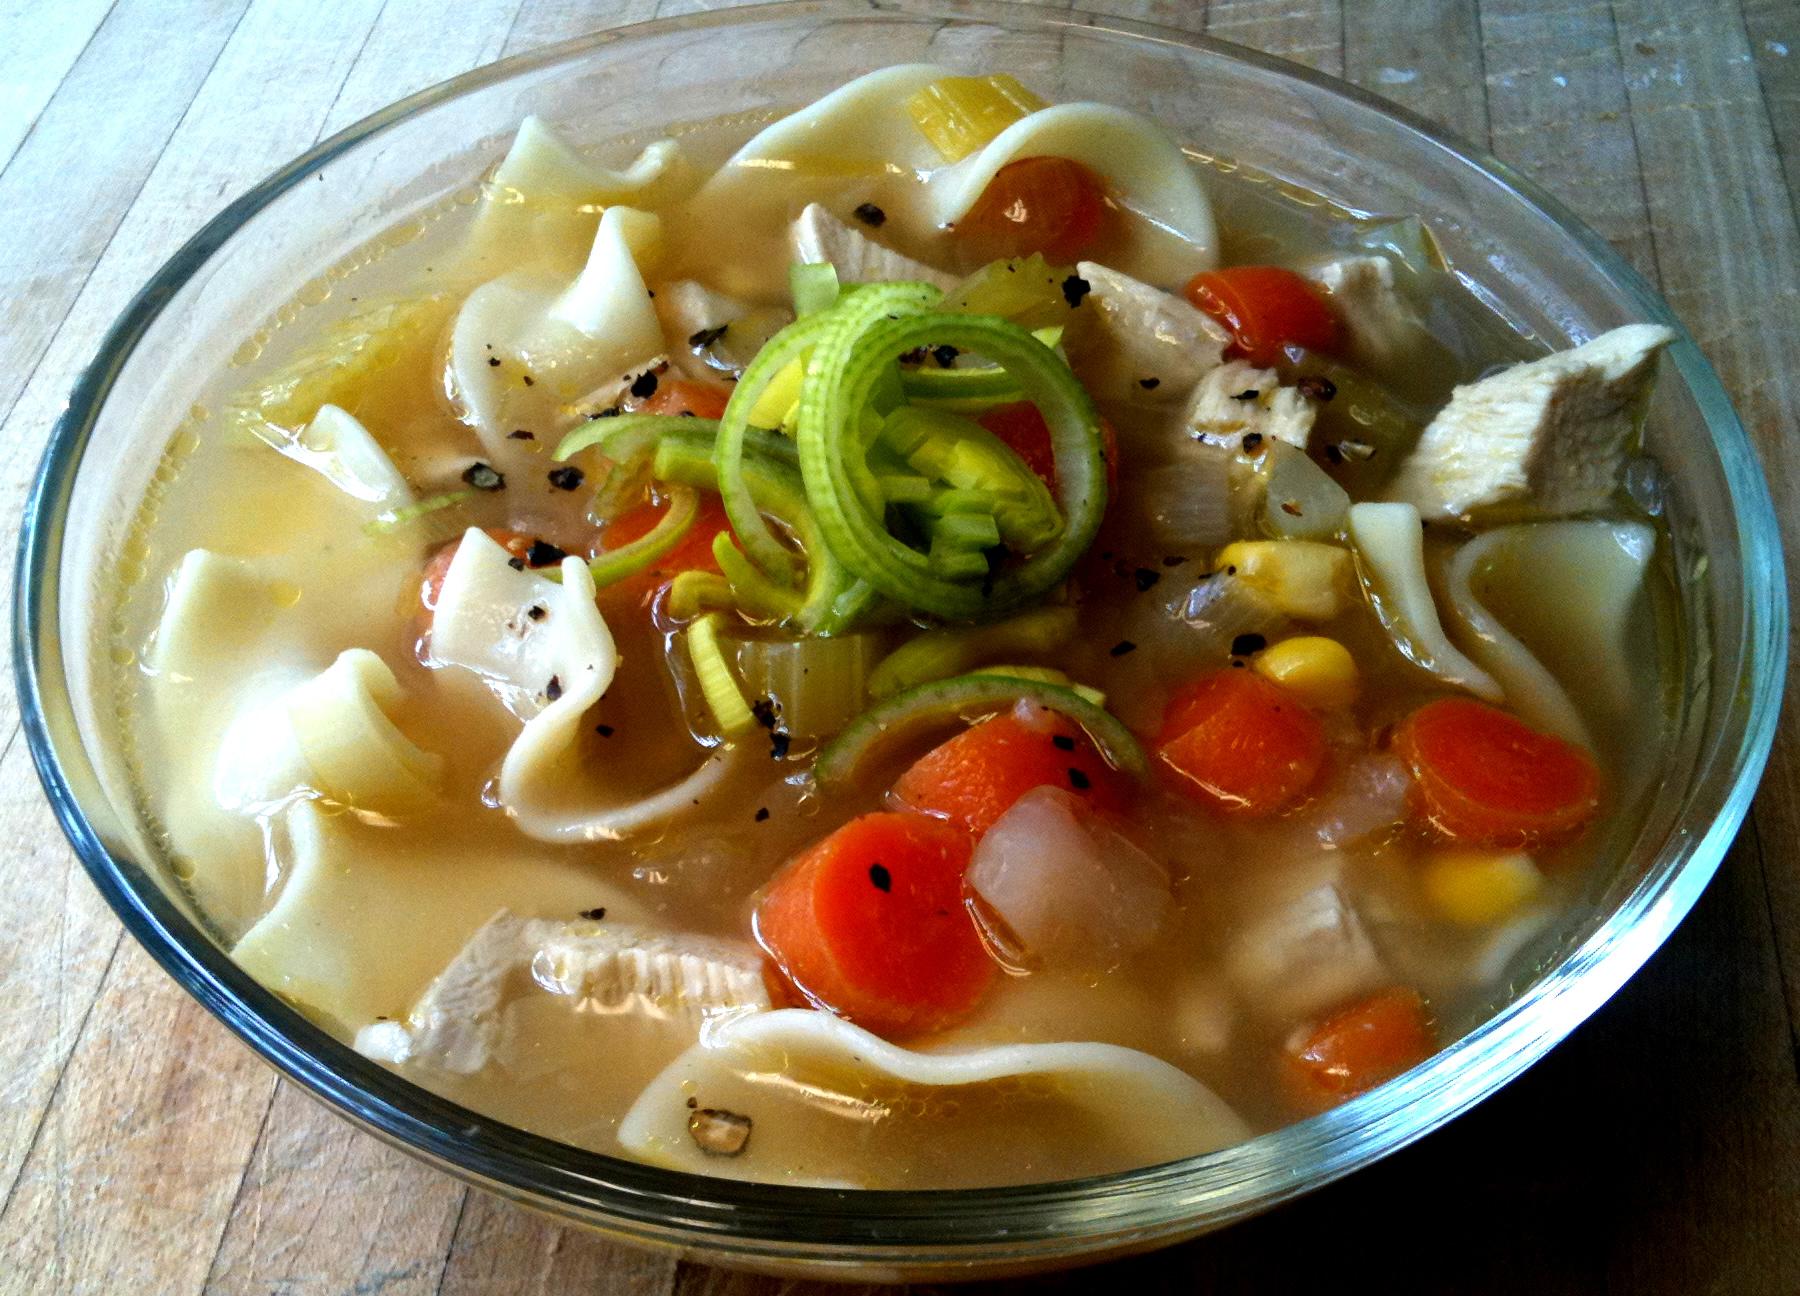 Chicken noodle soup la cuisine minusculela cuisine minuscule for Cuisine minuscule